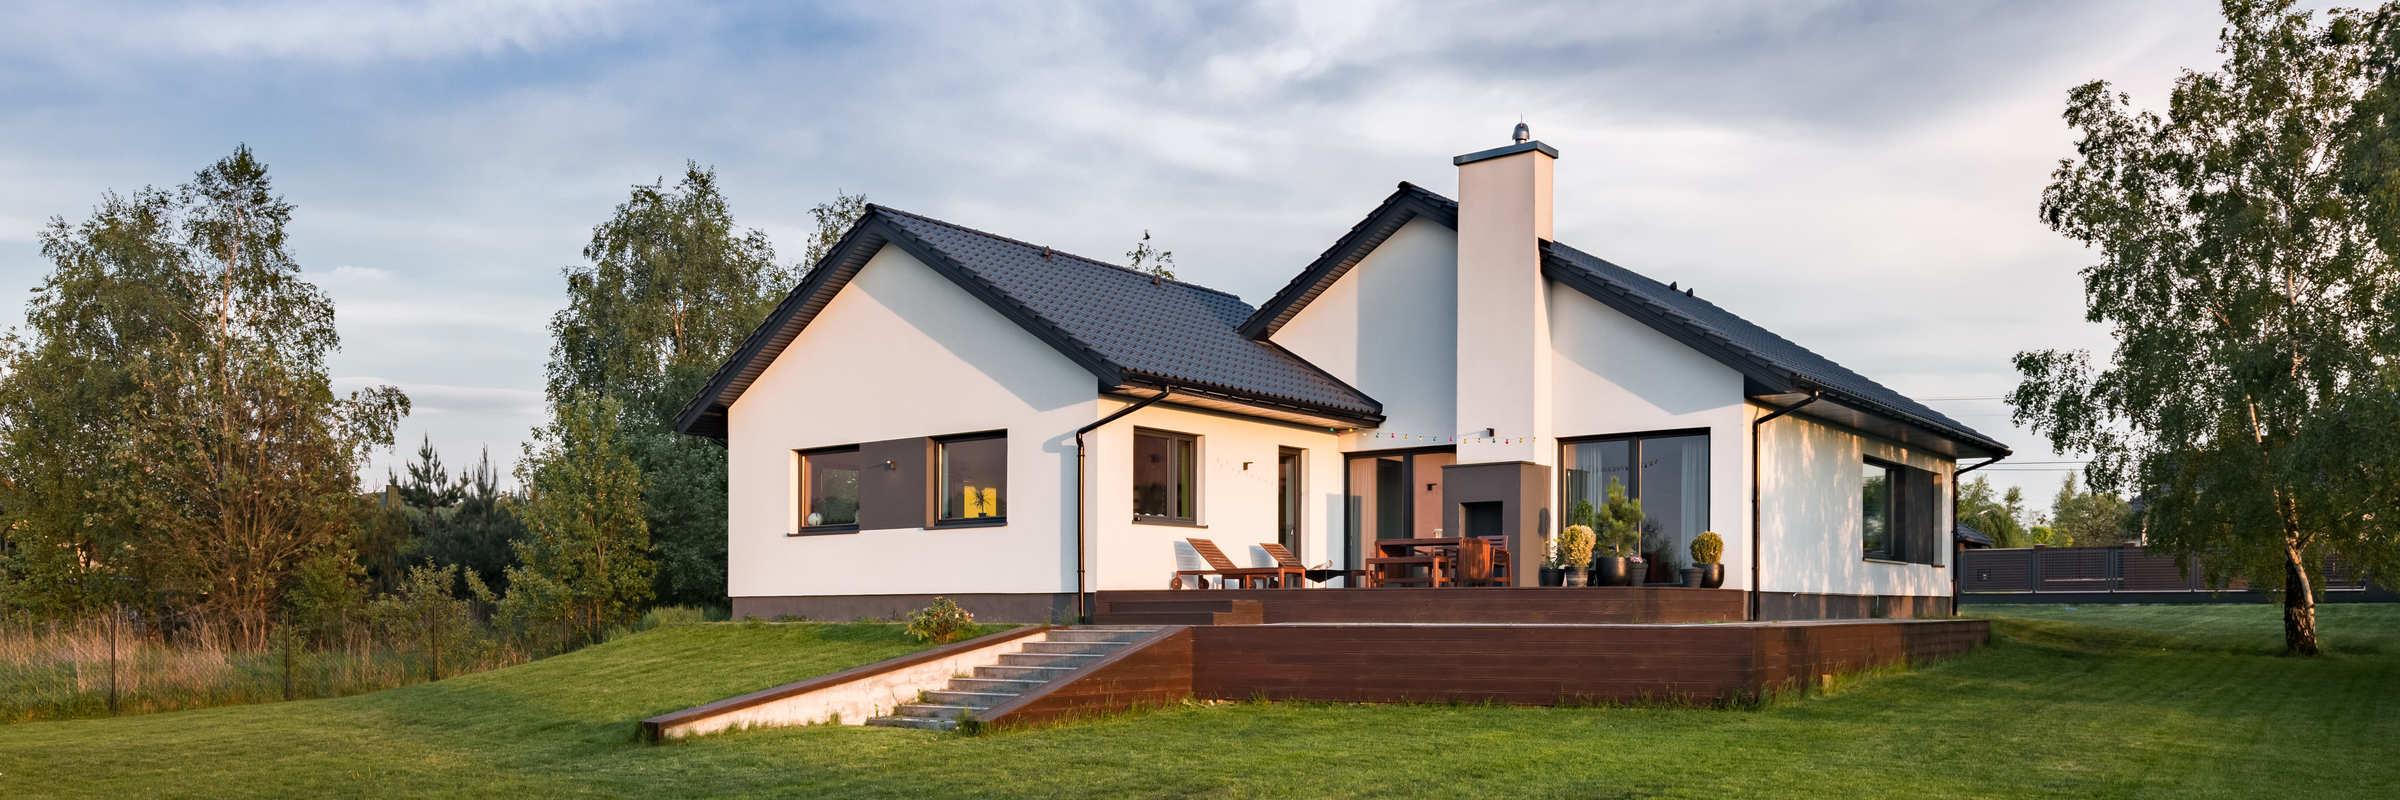 Maison ossature bois prix - Combien coûte une maison en bois clé en main